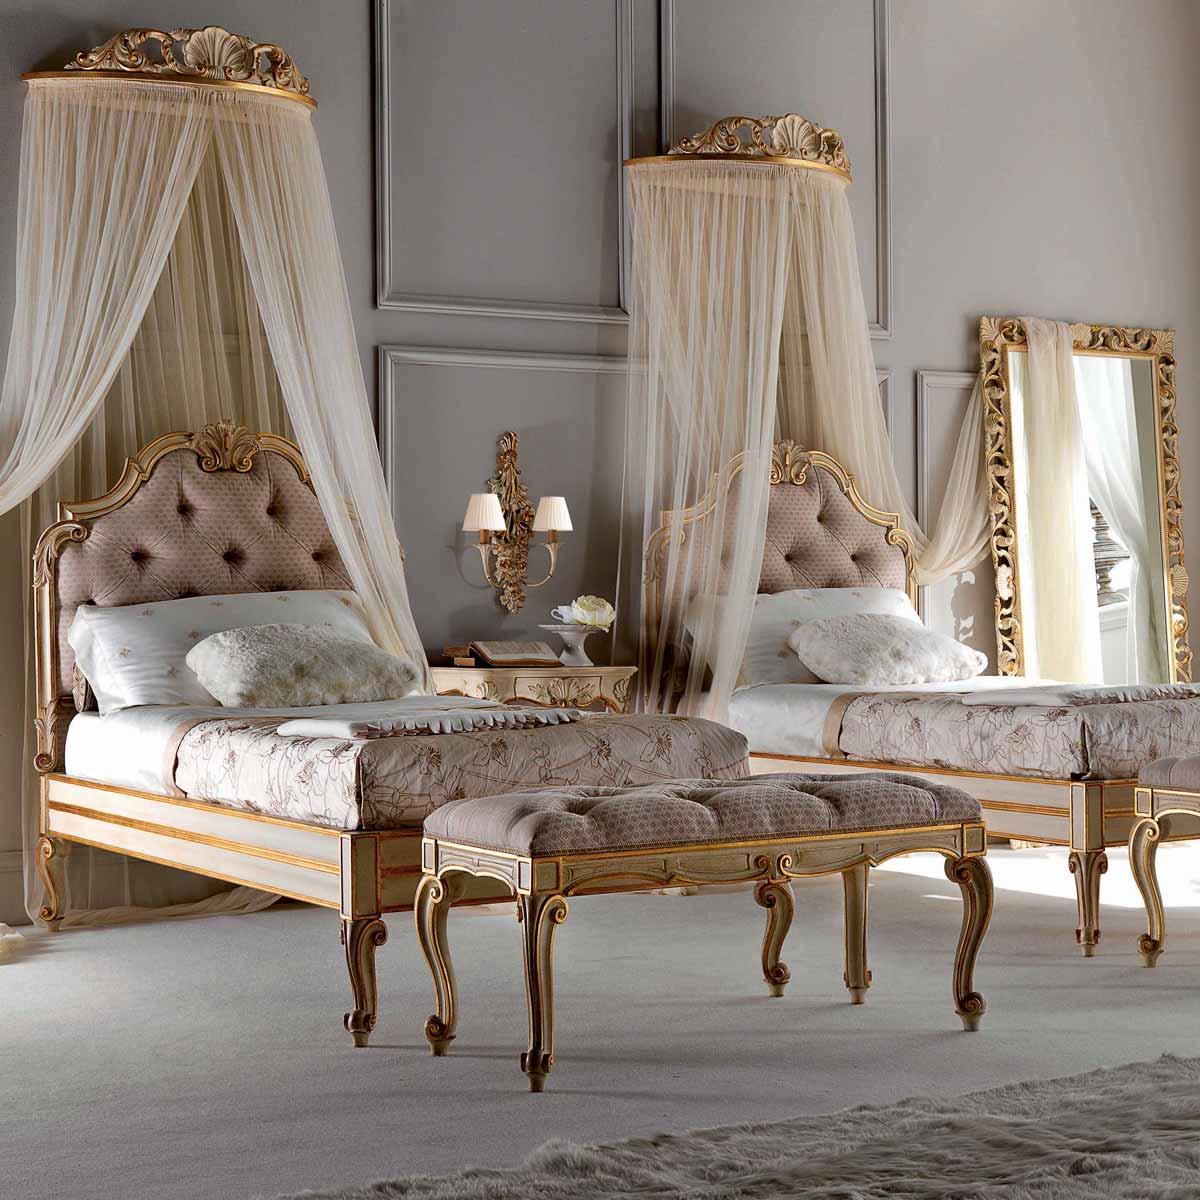 Italienische Möbel: Schlafzimmer